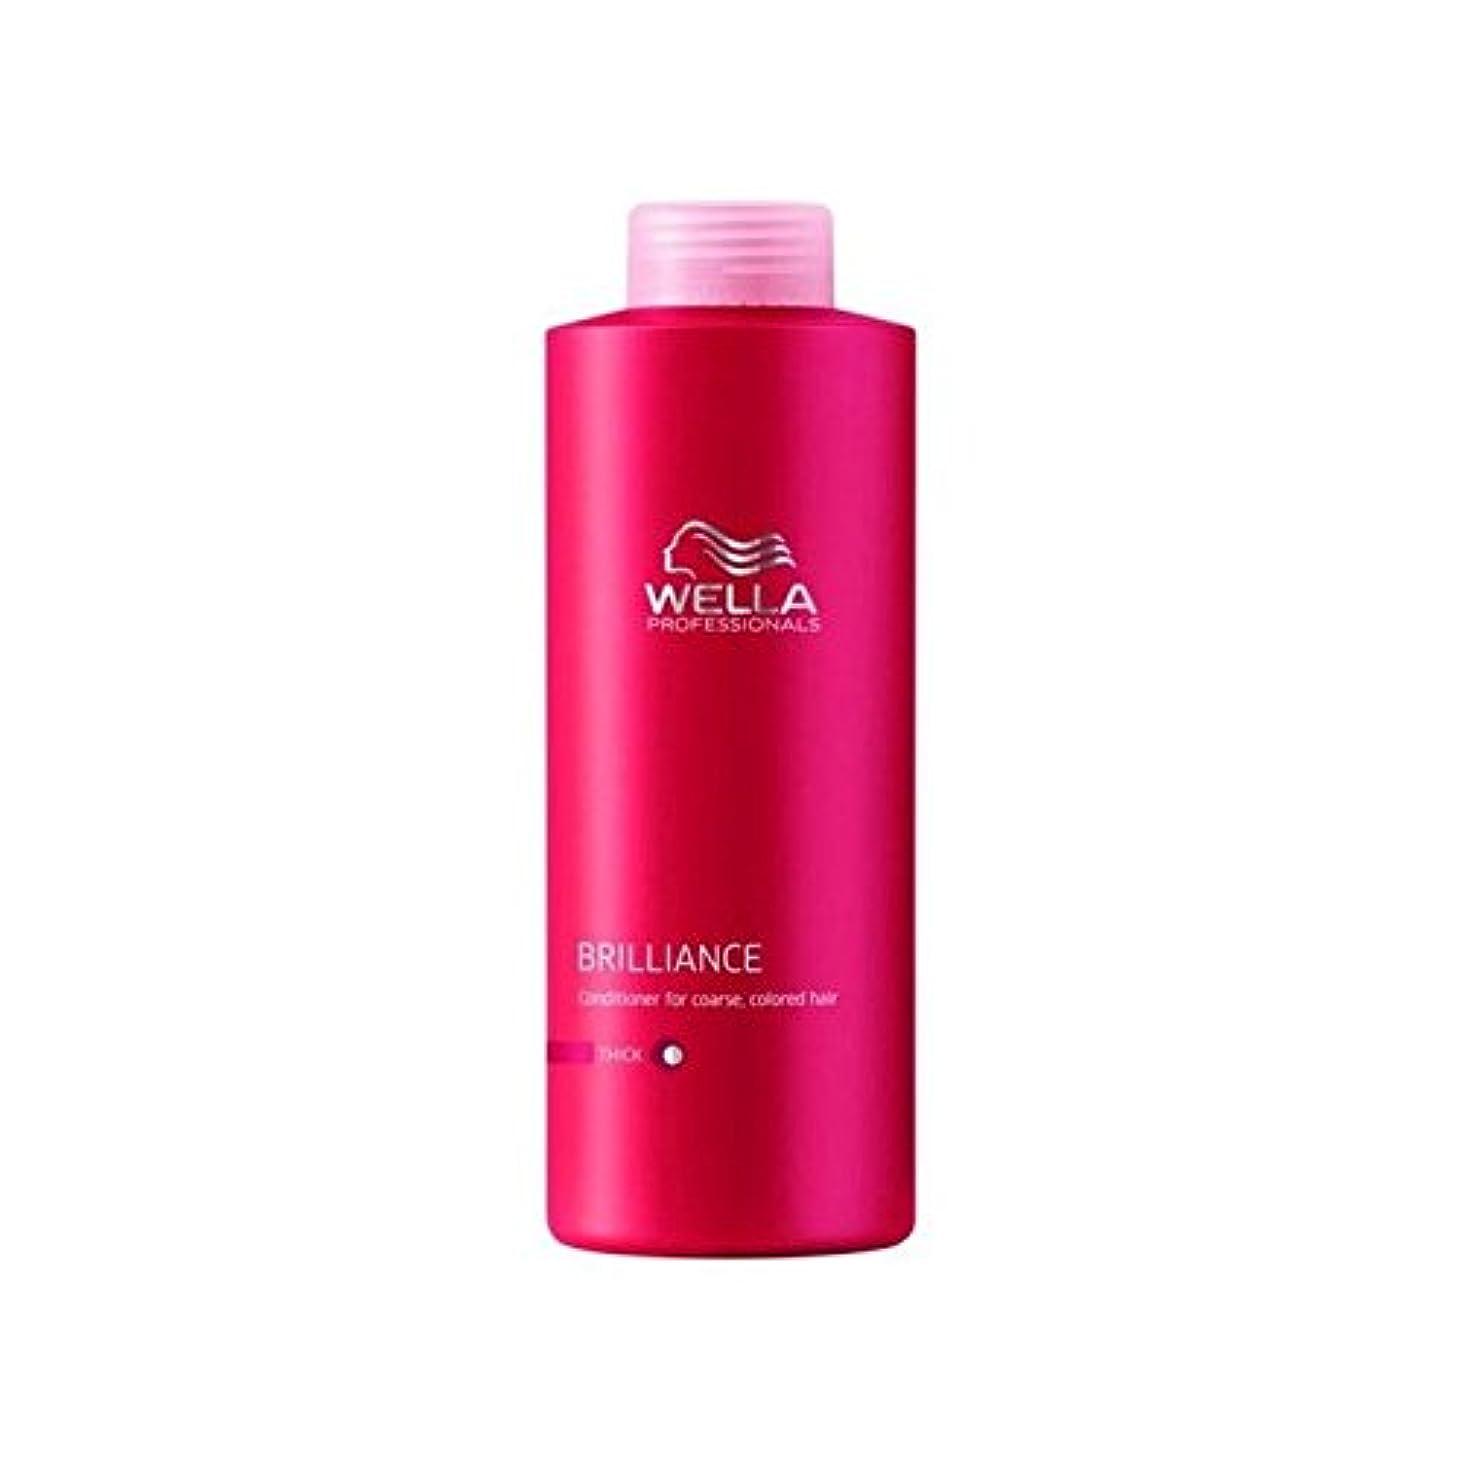 髄ハイブリッド広いウェラの専門家は粗いコンディショナー(千ミリリットル)をブリリアンス x4 - Wella Professionals Brilliance Coarse Conditioner (1000ml) (Pack of 4)...